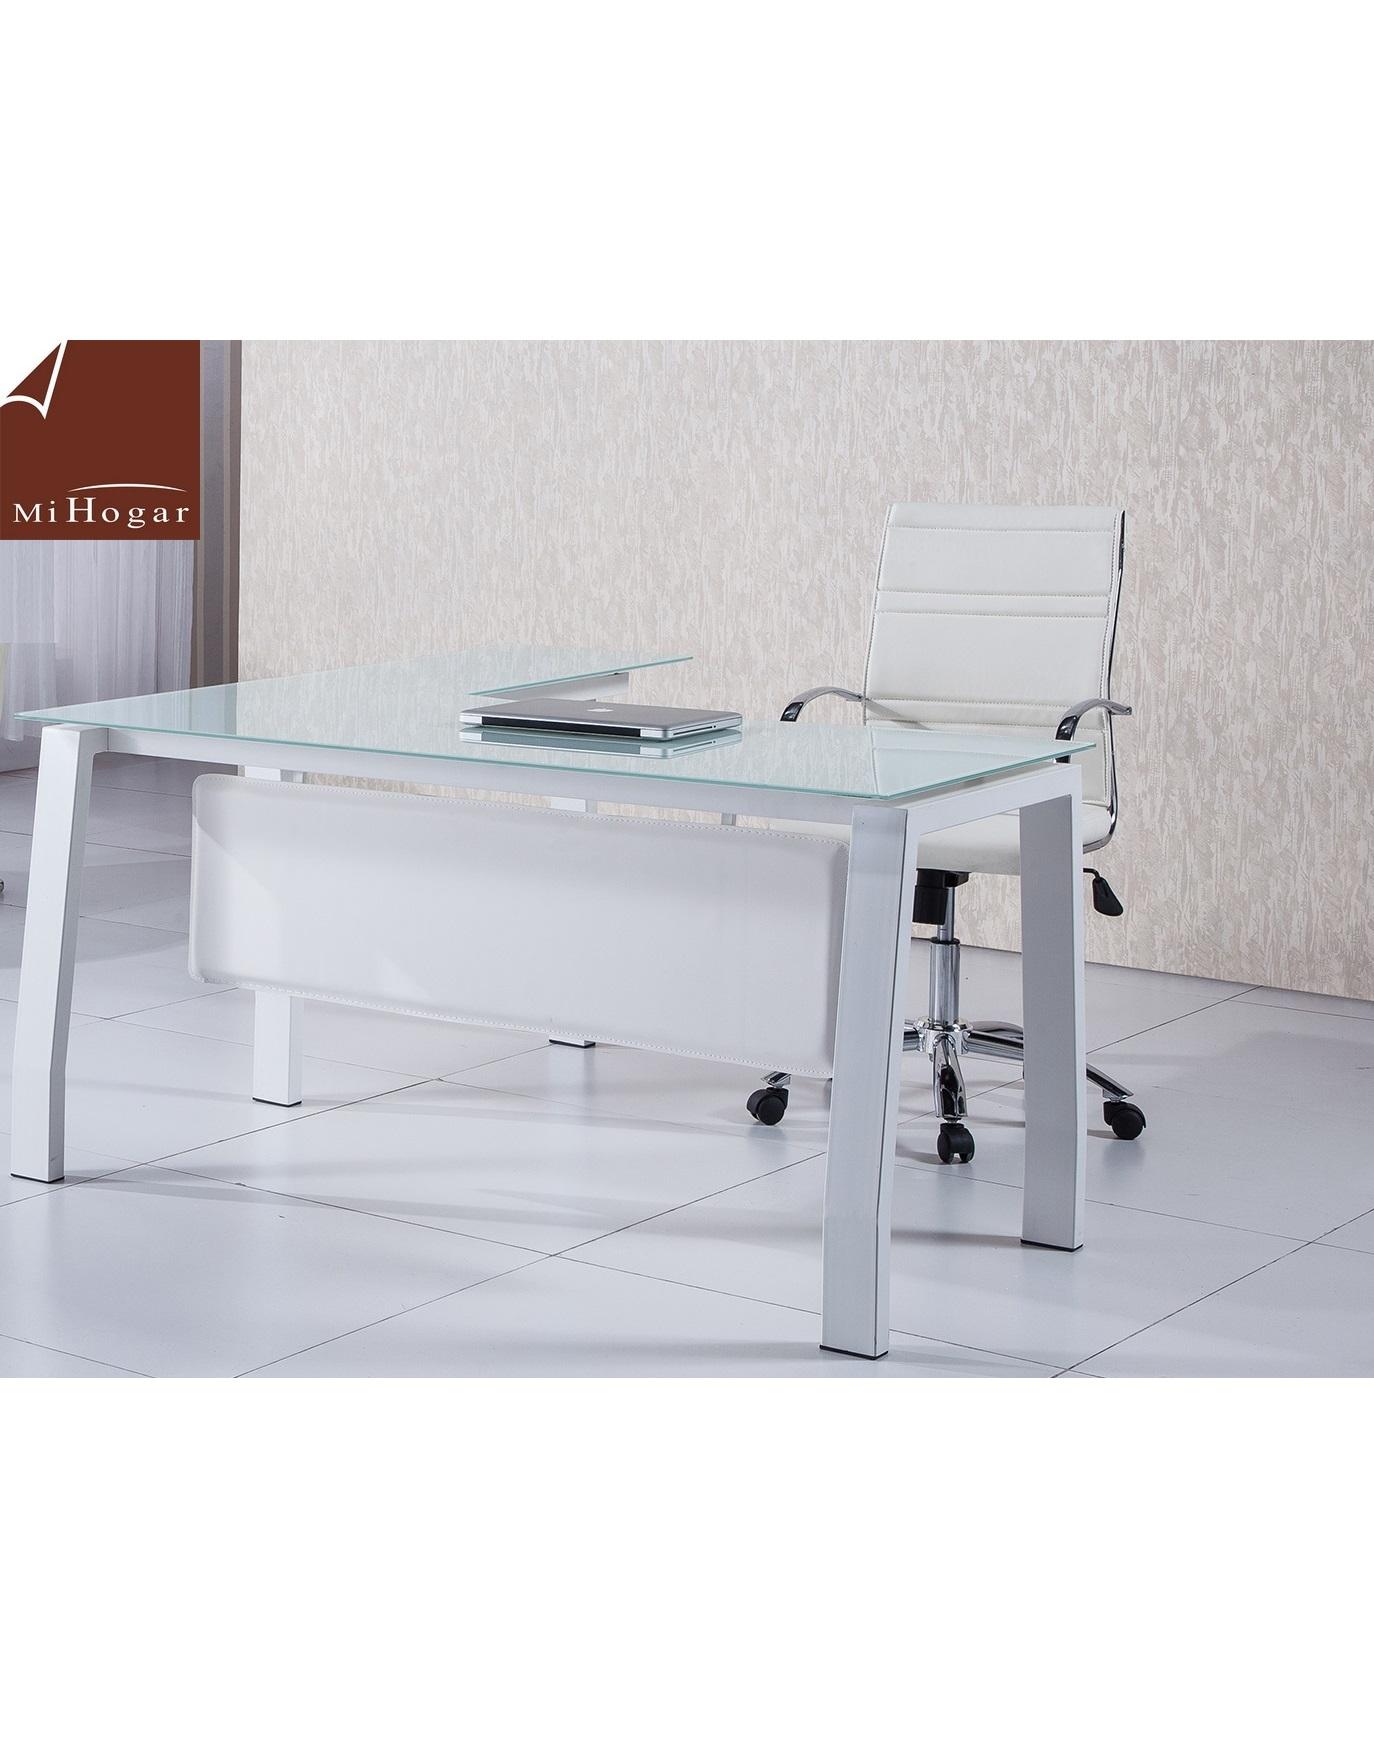 Mesa despacho cristal en l amberes muebles mi hogar for Mesa cristal oficina